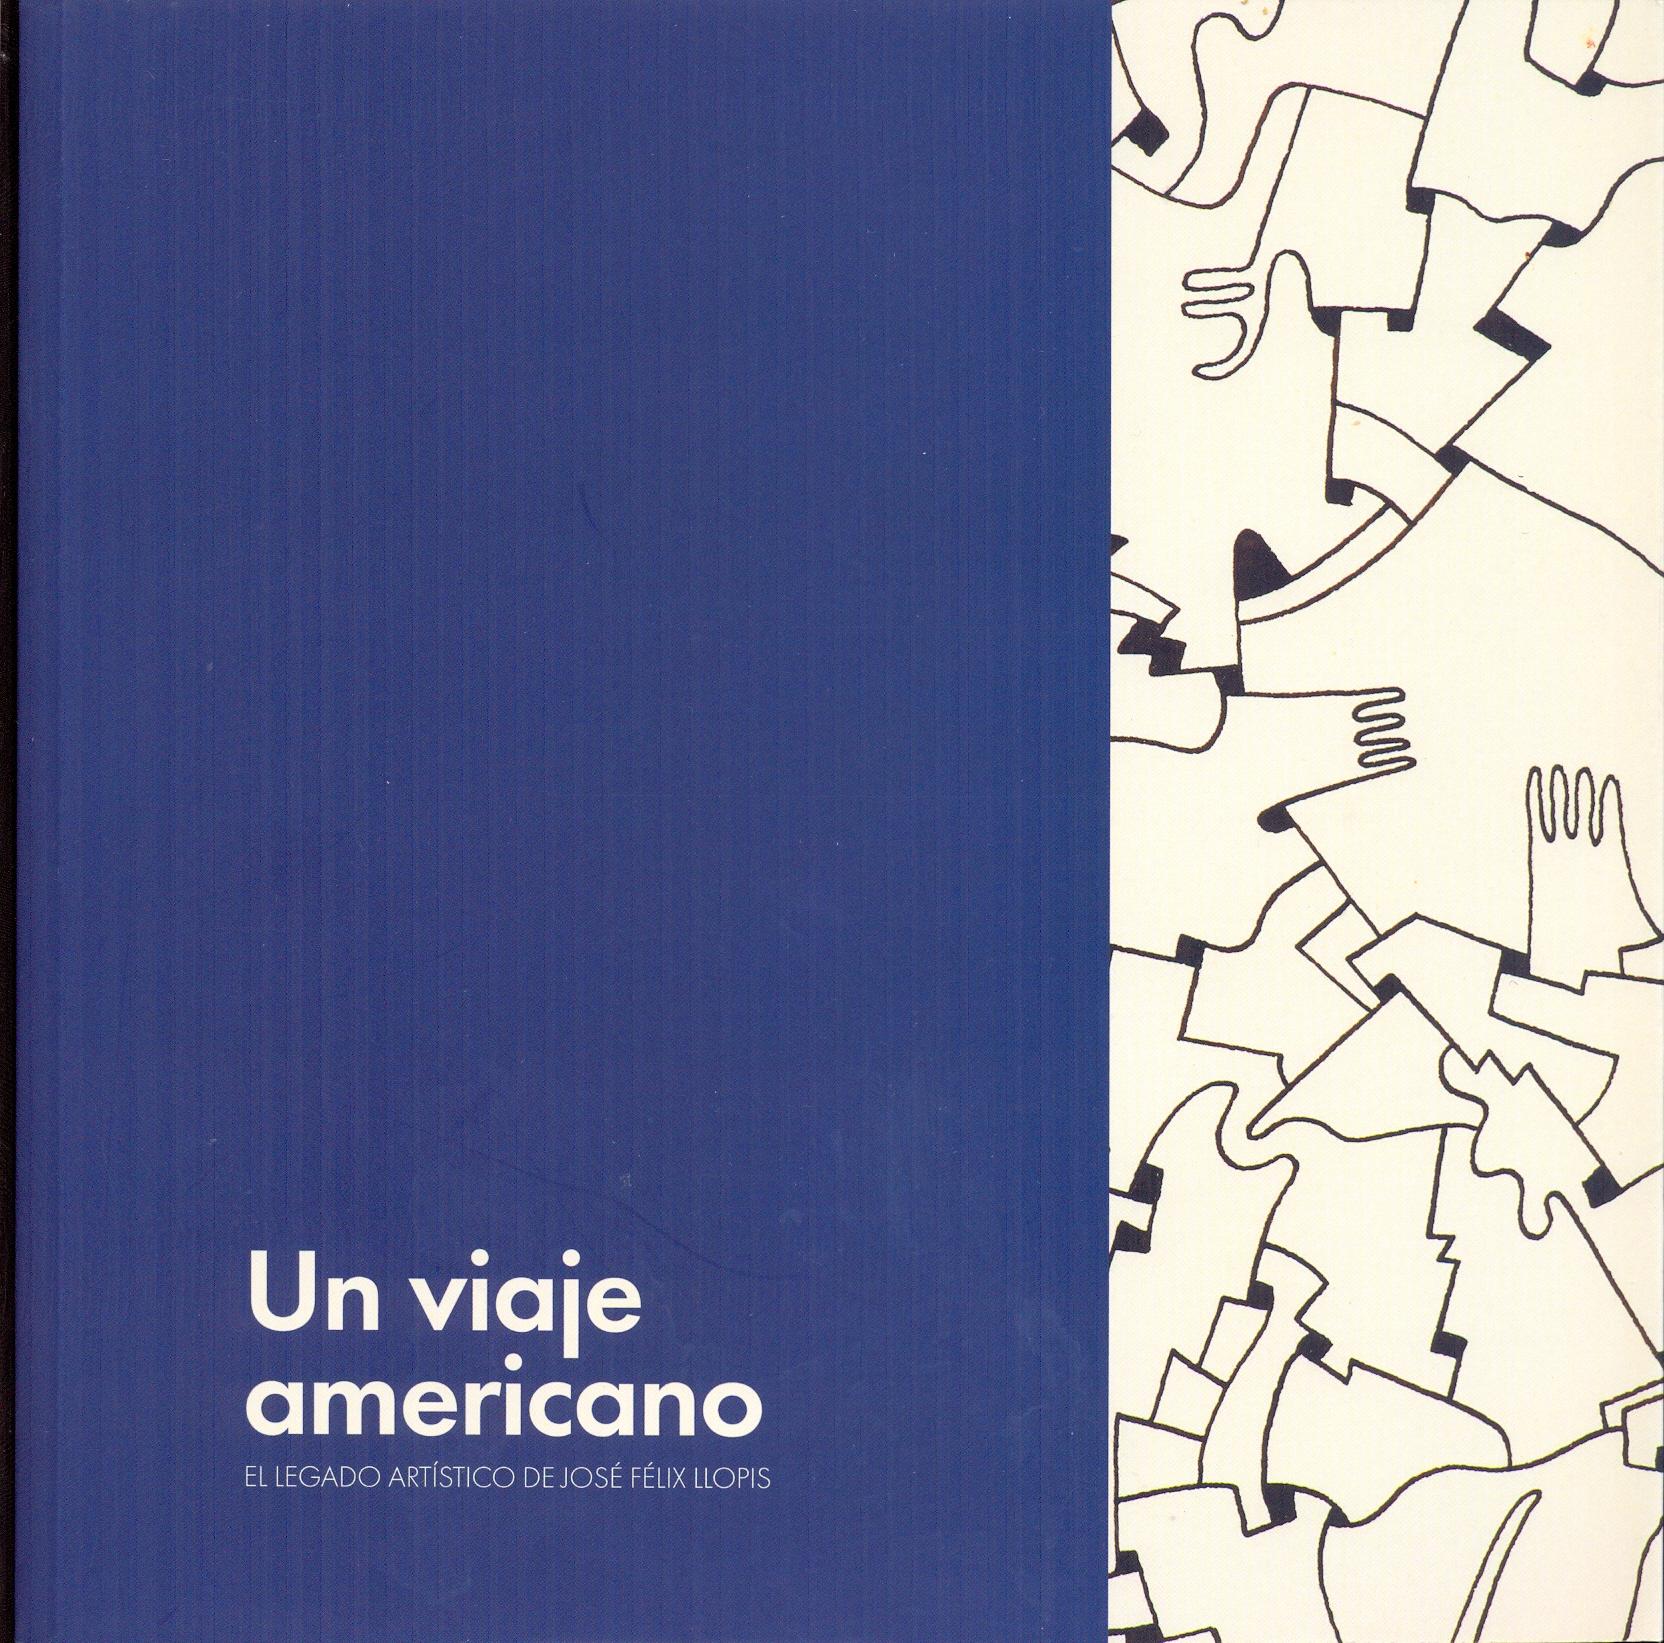 Un viaje americano. El legado artístico de José Félix Llopis